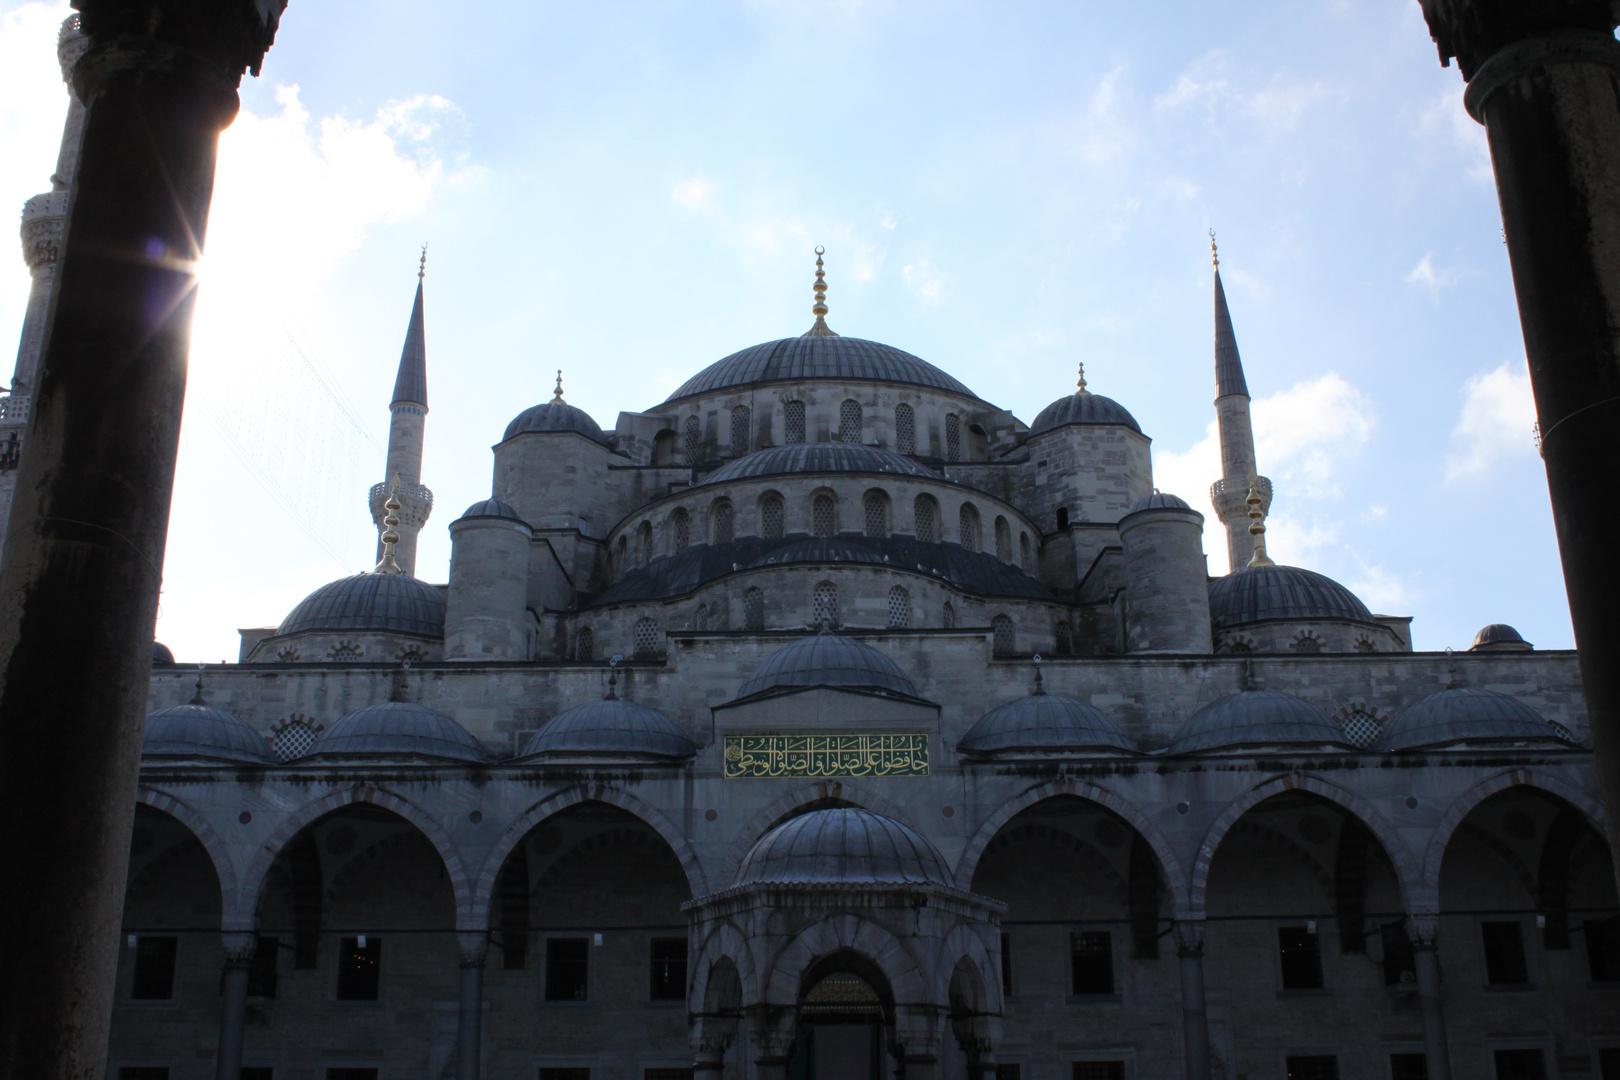 Innenhof der Blauen Moschee